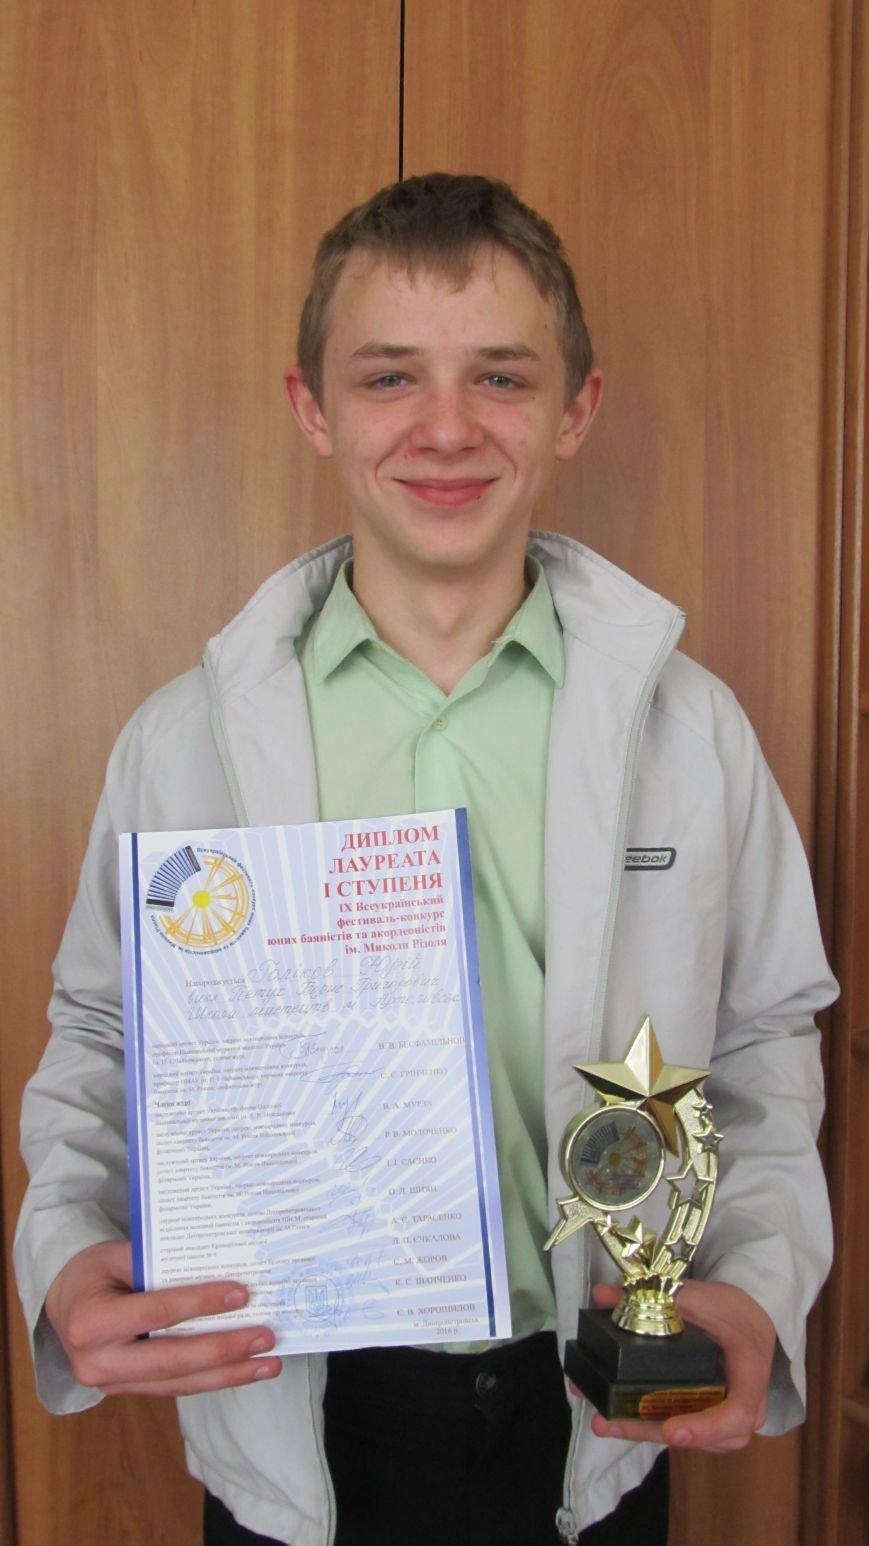 Музыкант из Бахмута занял первое место на Всеукраинском конкурсе, фото-1